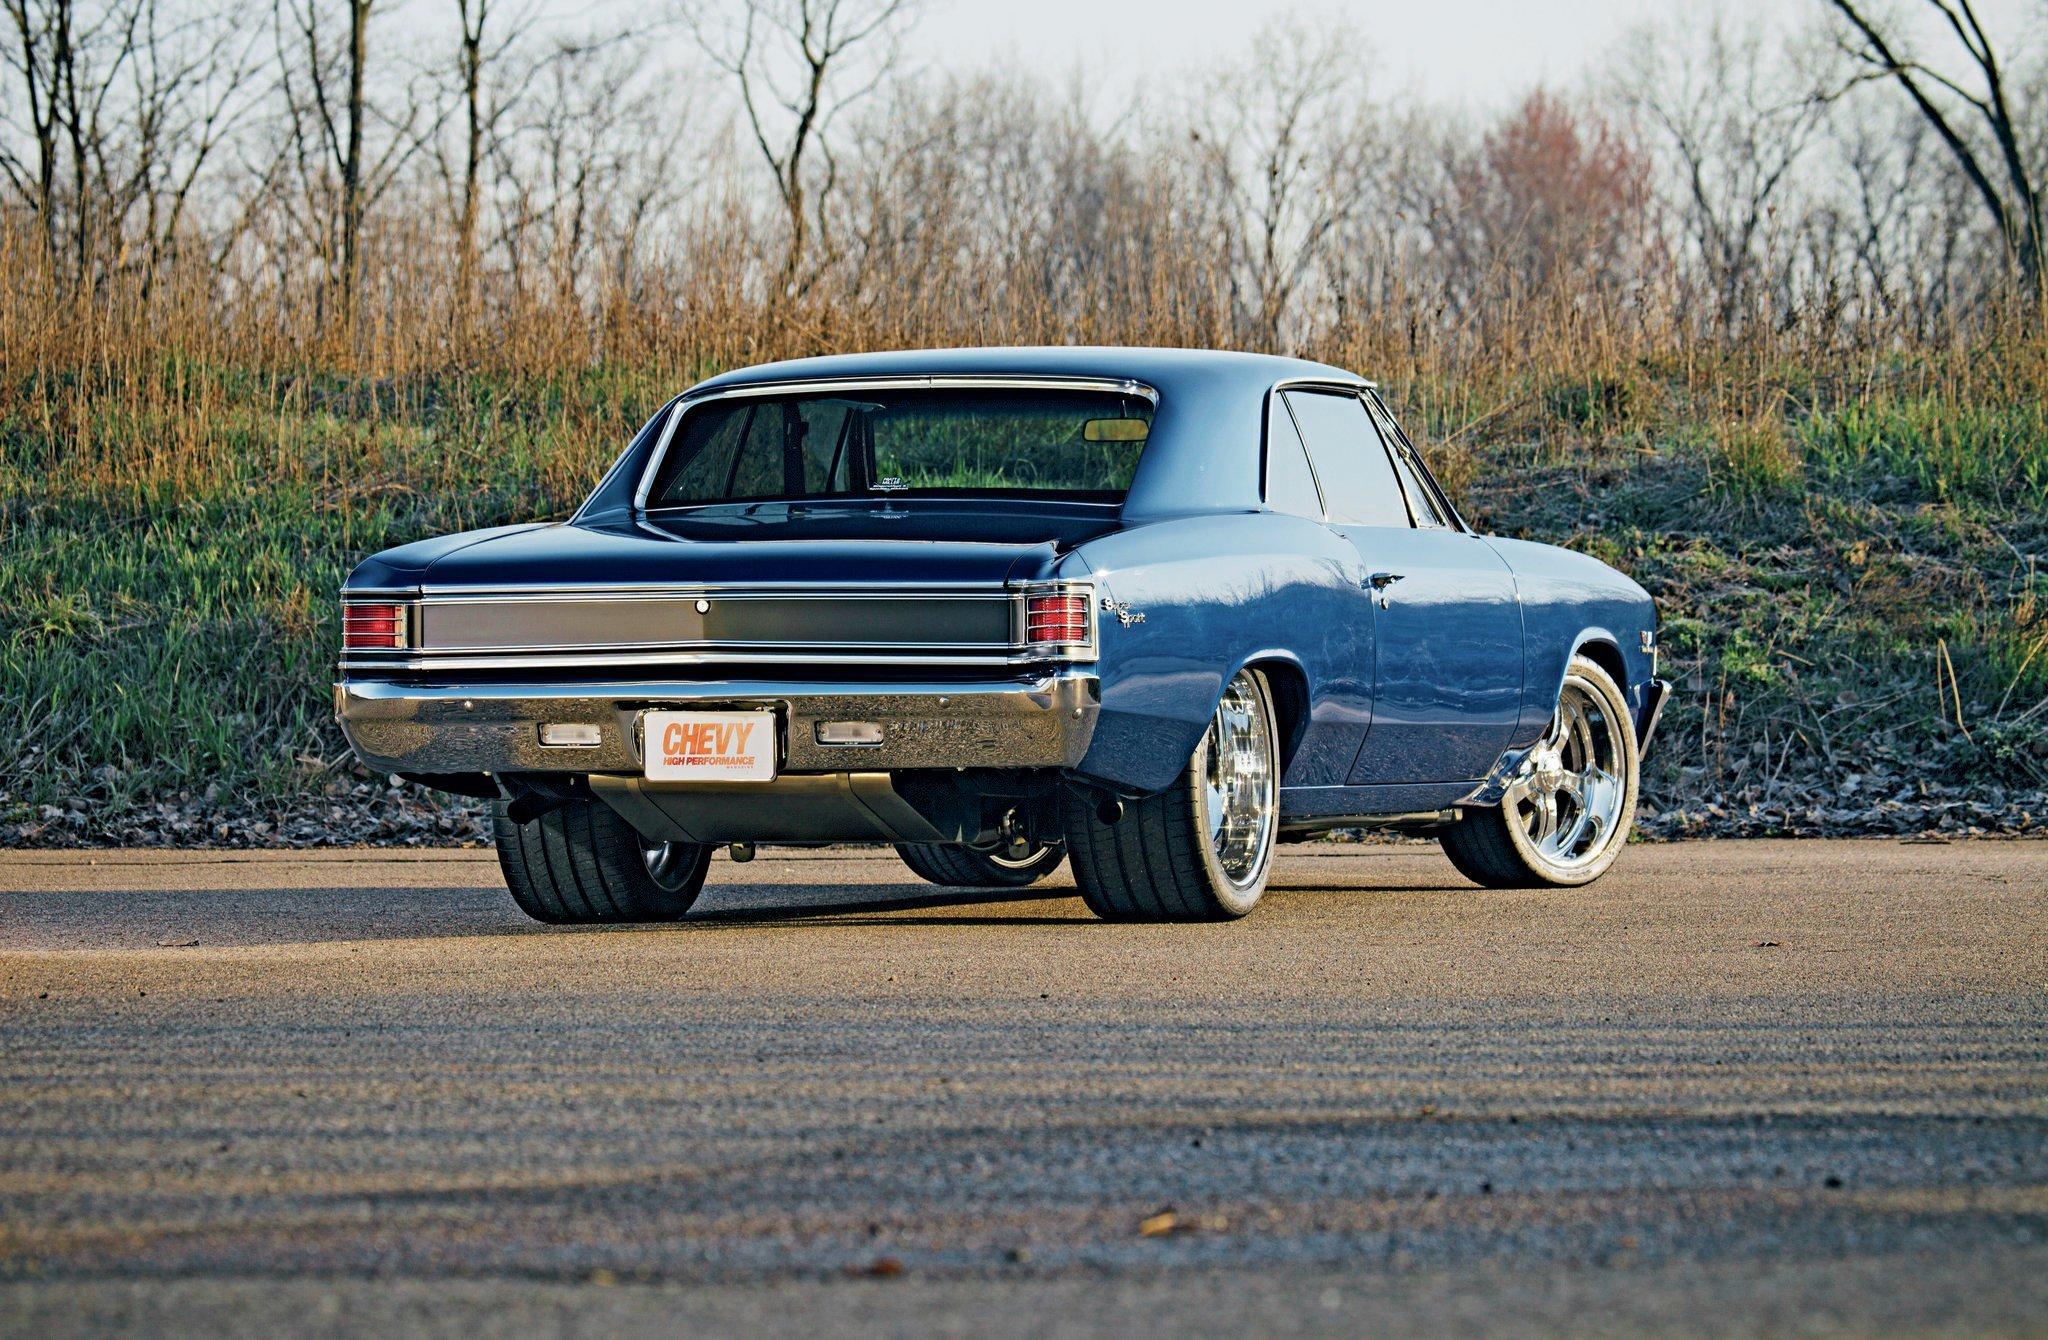 1967 Chevrolet Chevelle-06 wallpaper